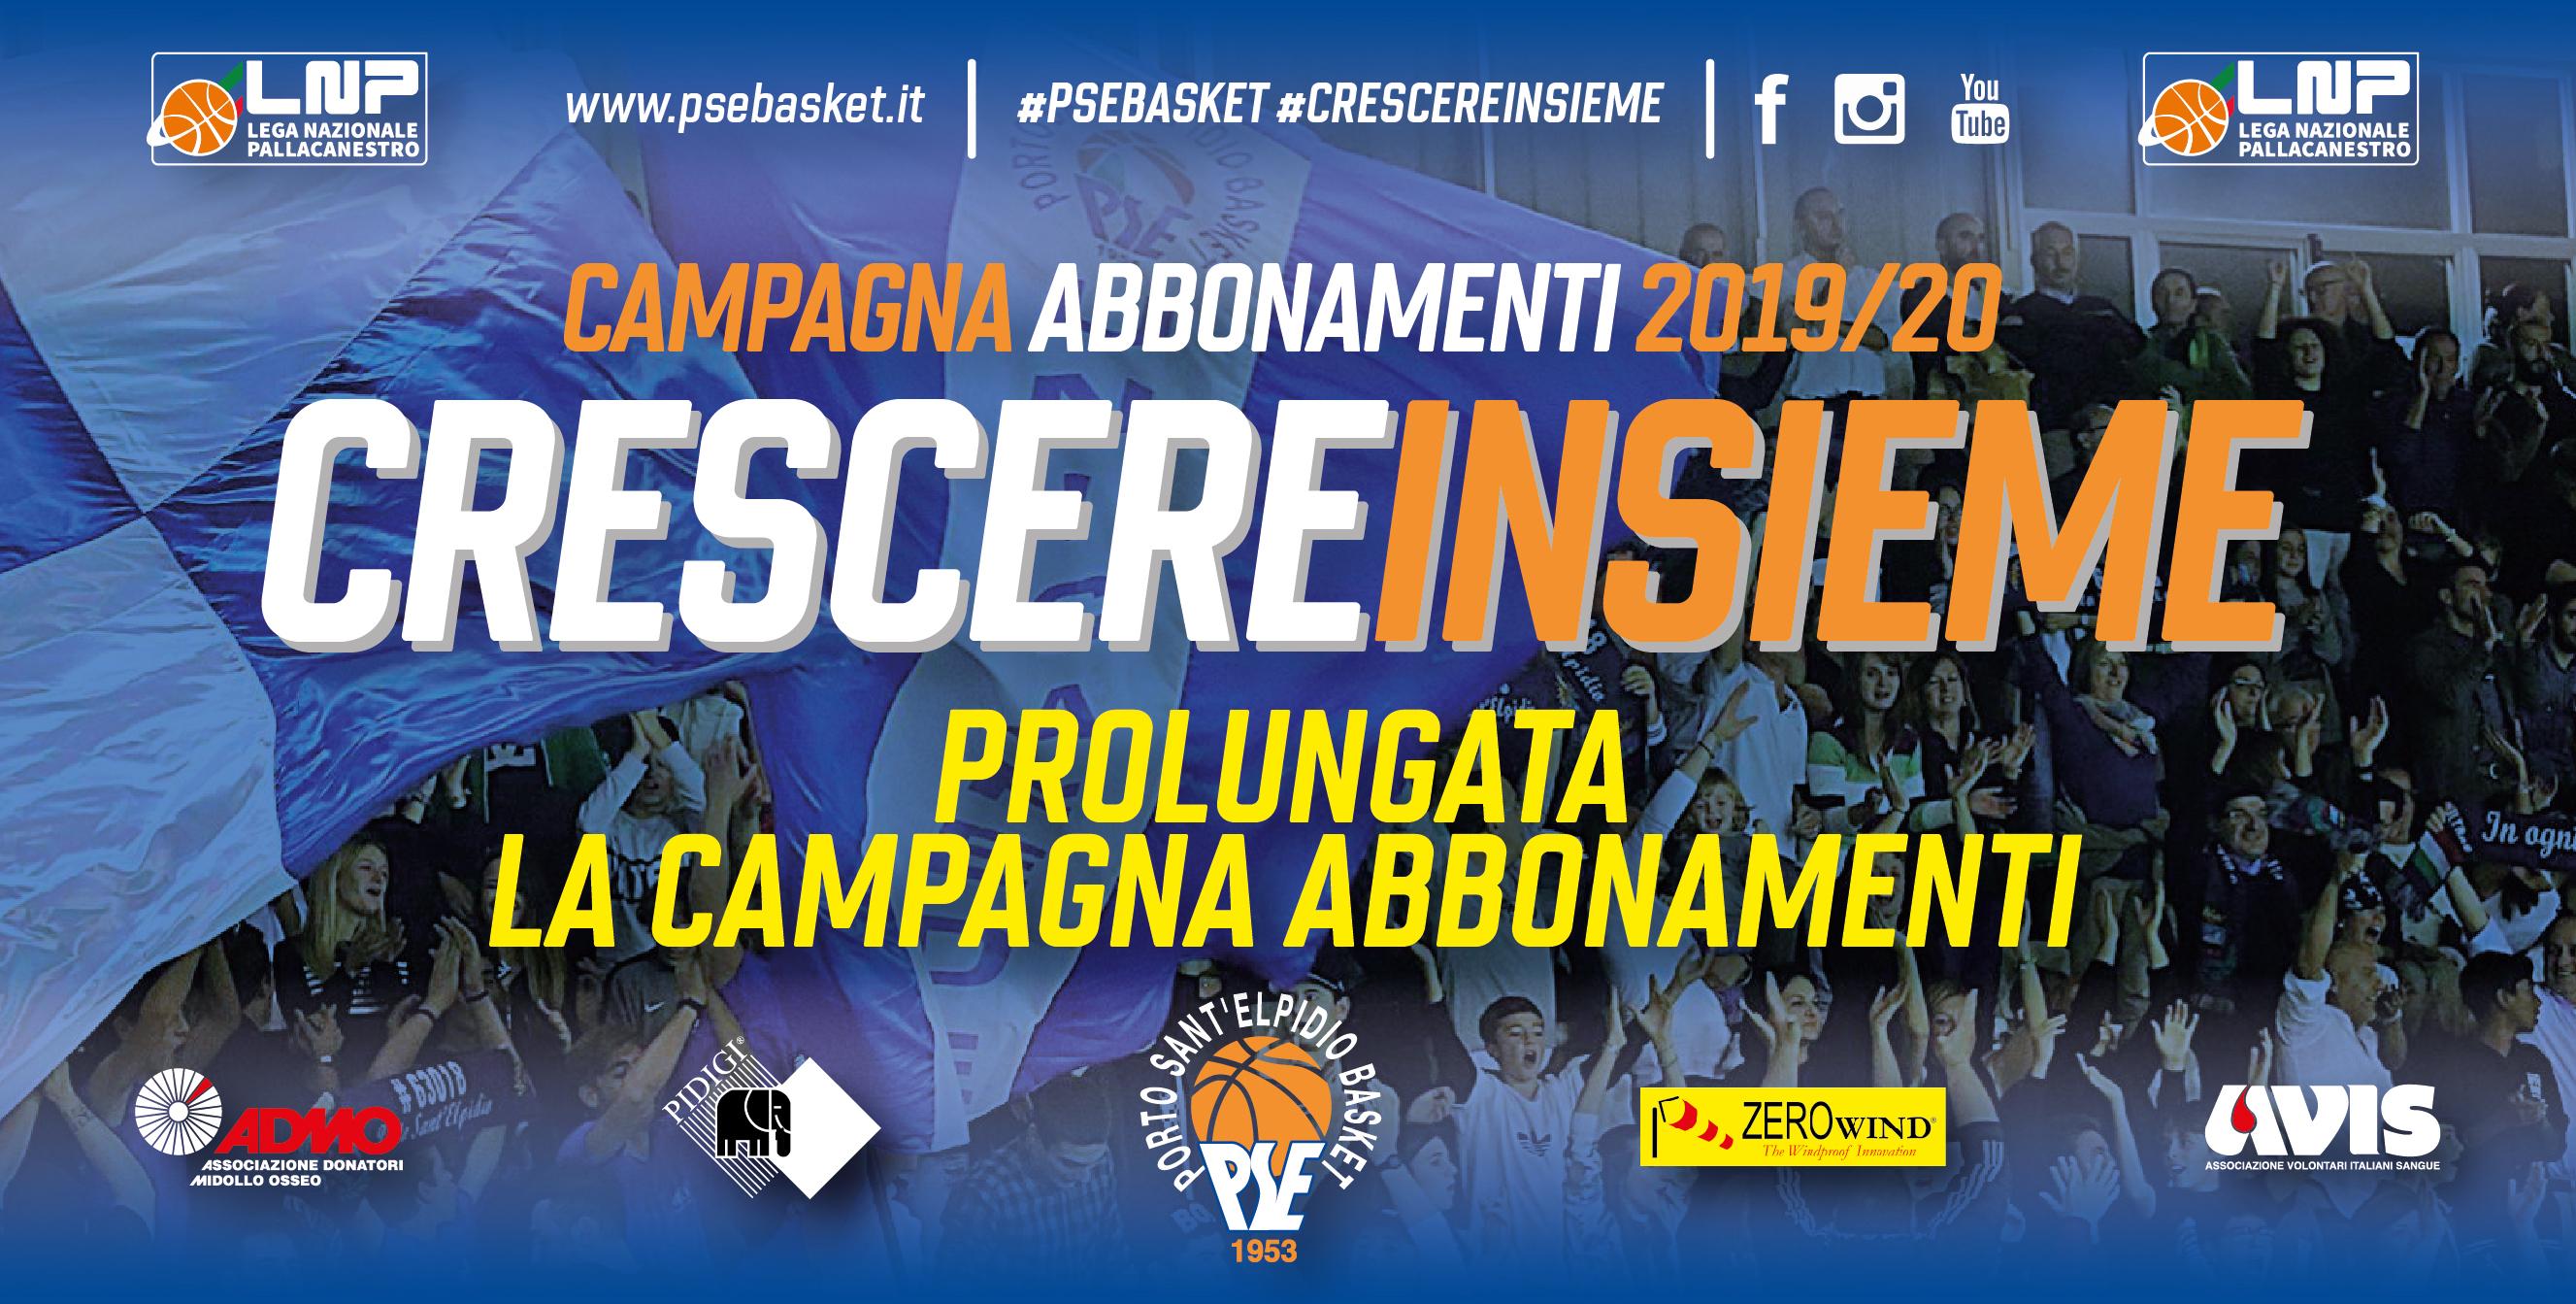 Campagna abbonamenti prolungata fino al 17 Novembre